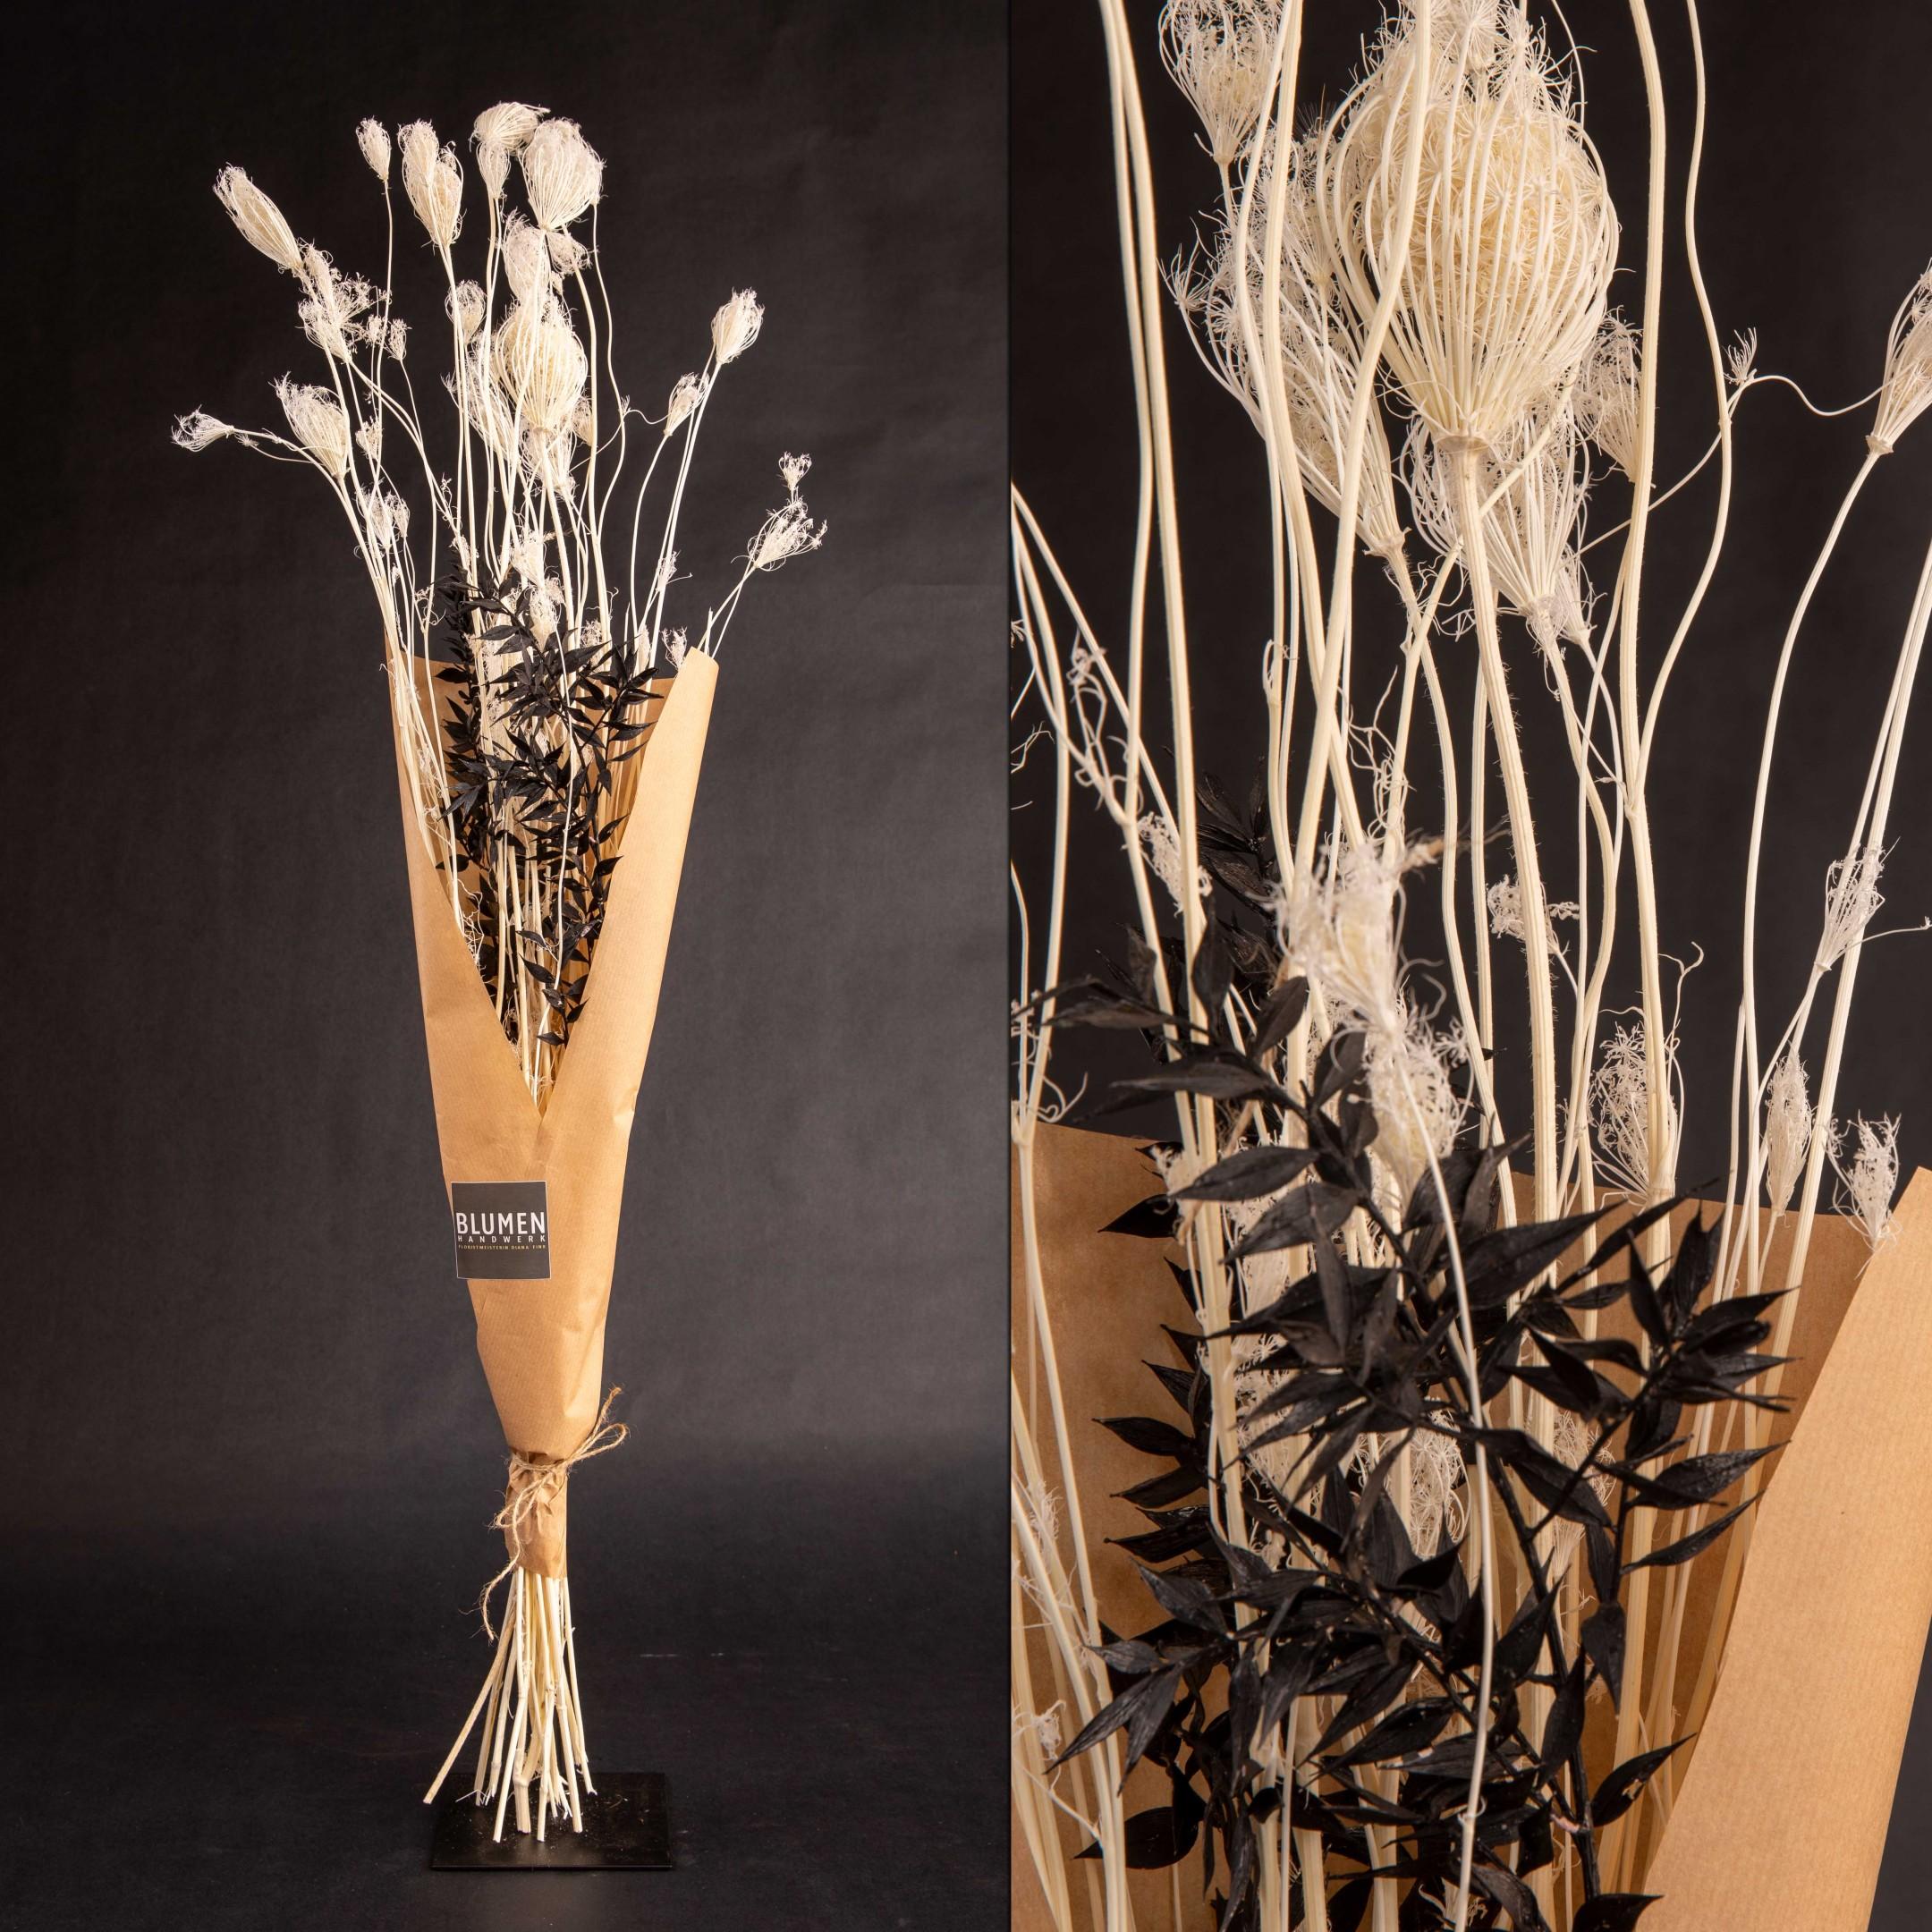 Trockenblumenbund black & white Bild 1